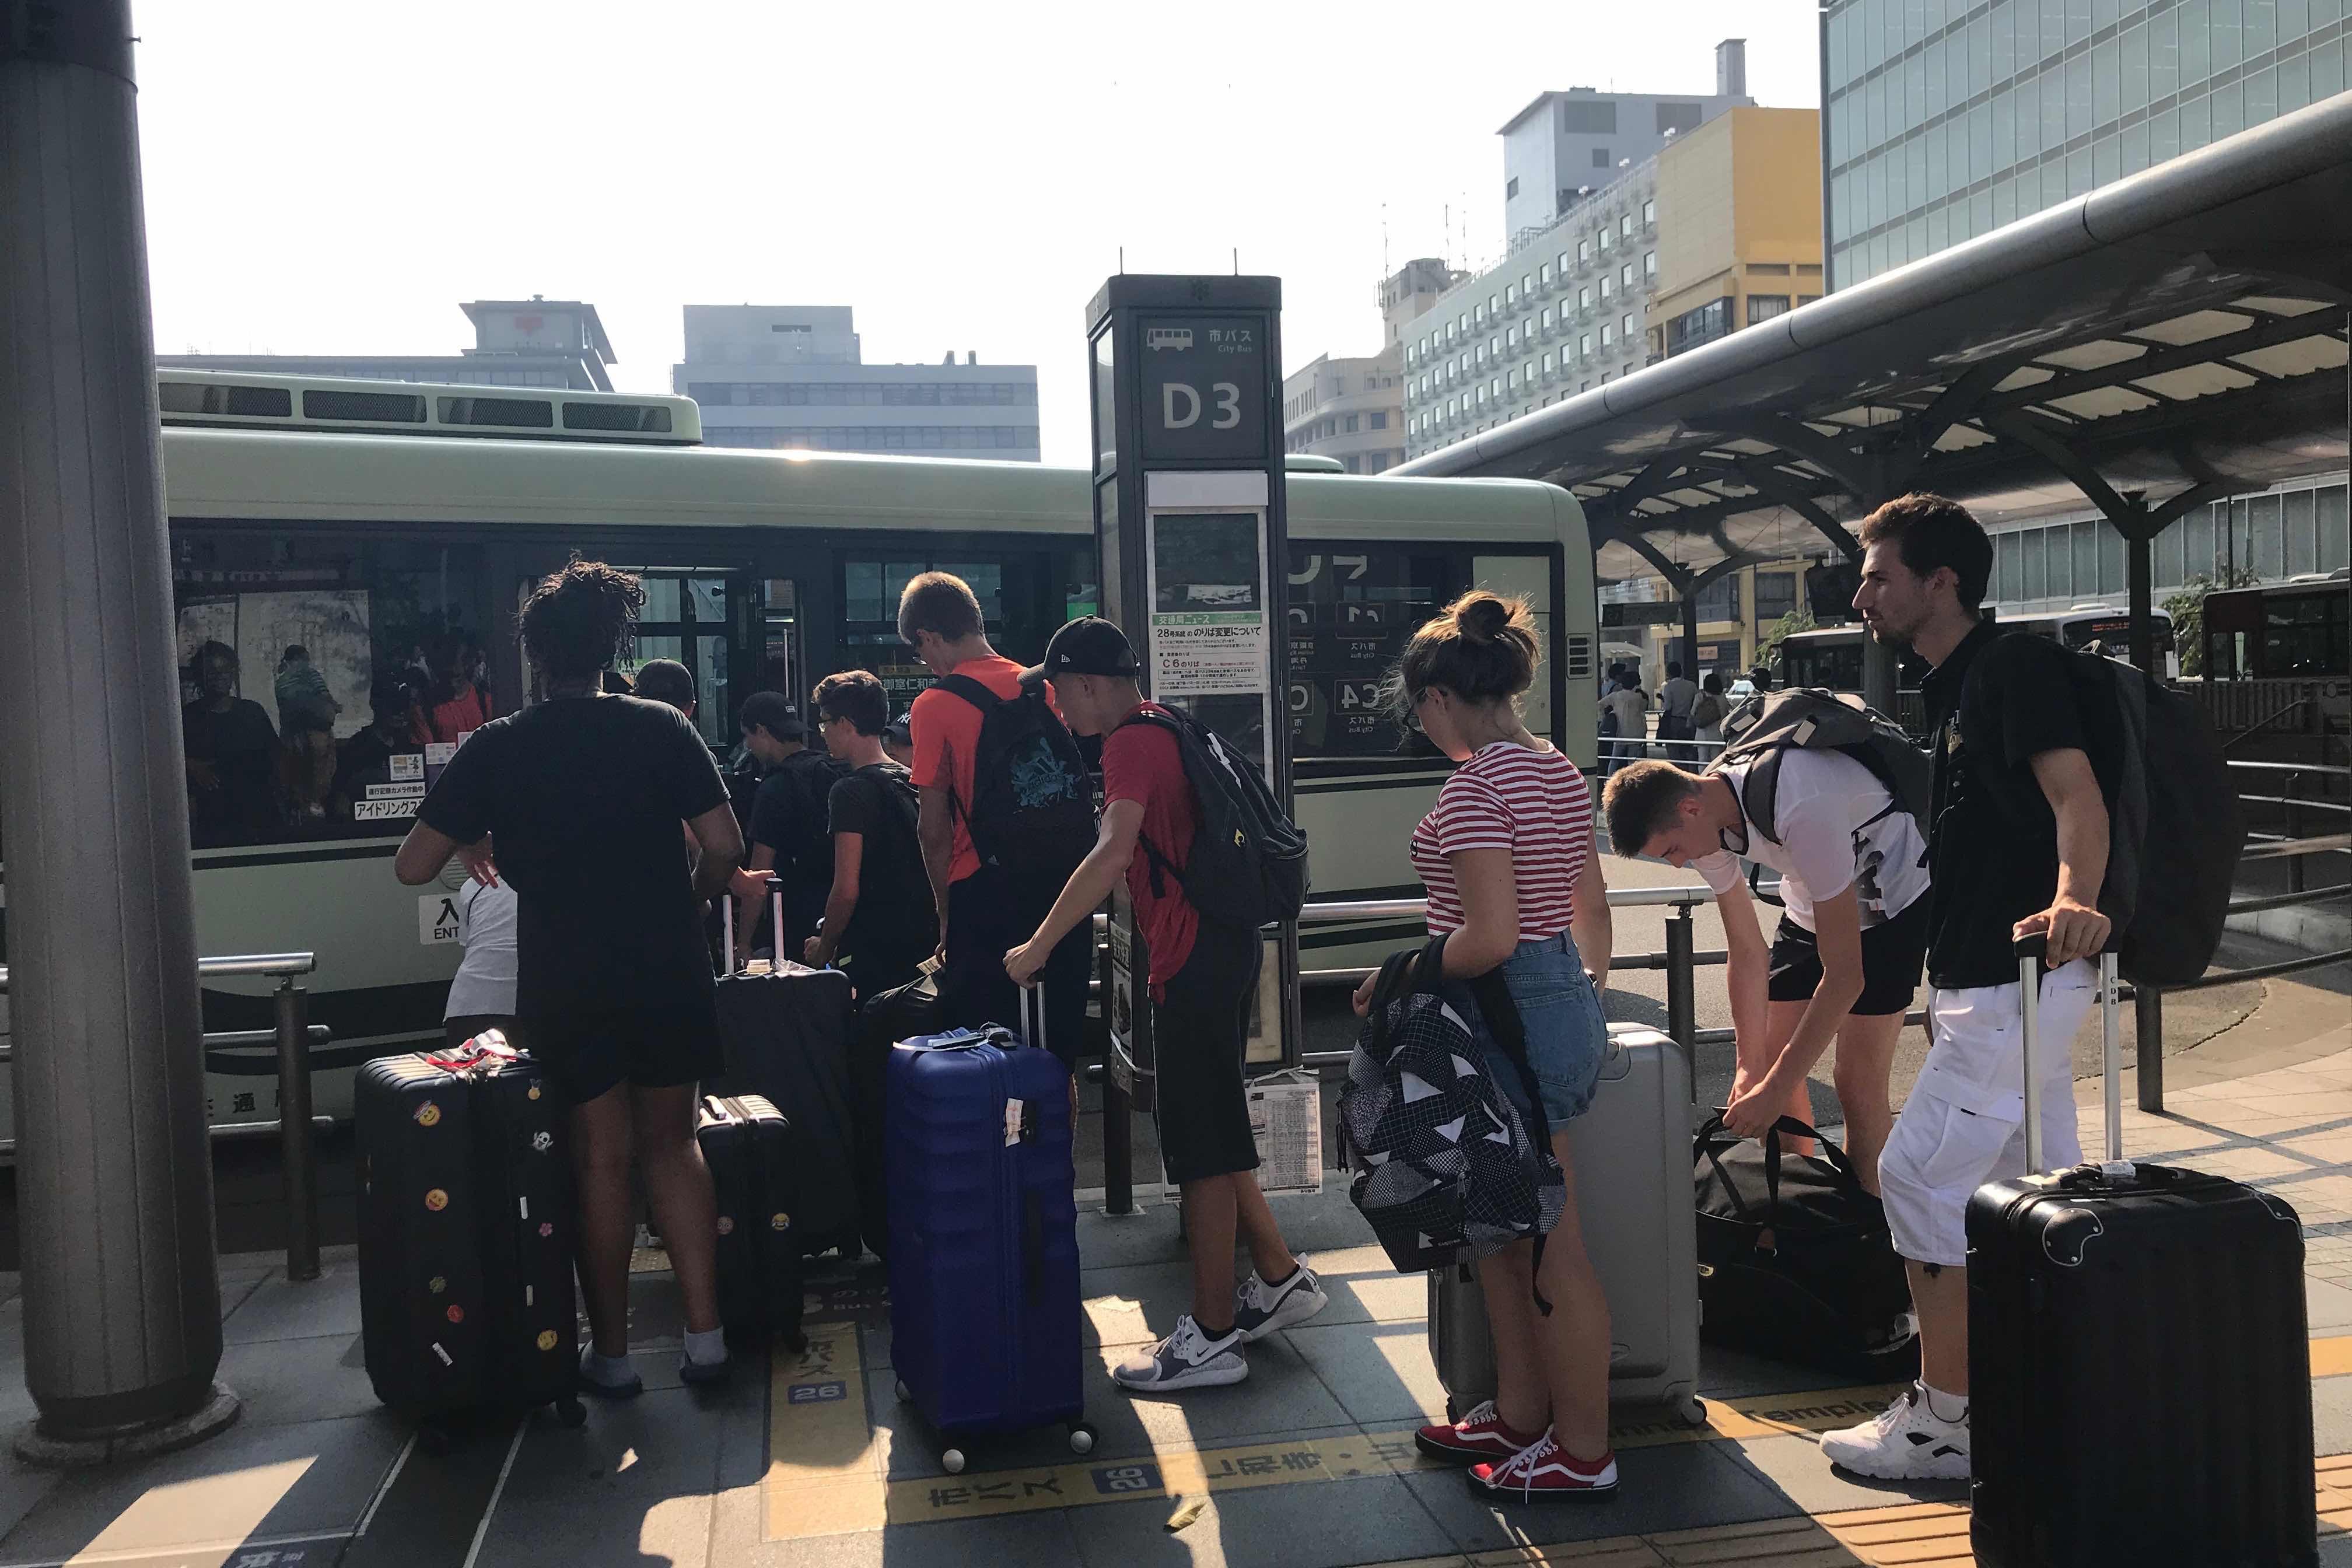 京都市バスのオーバーツーリズム緩和への取組みは? 市民生活と観光客の快適な移動を両立させるチャレンジを聞いてきた